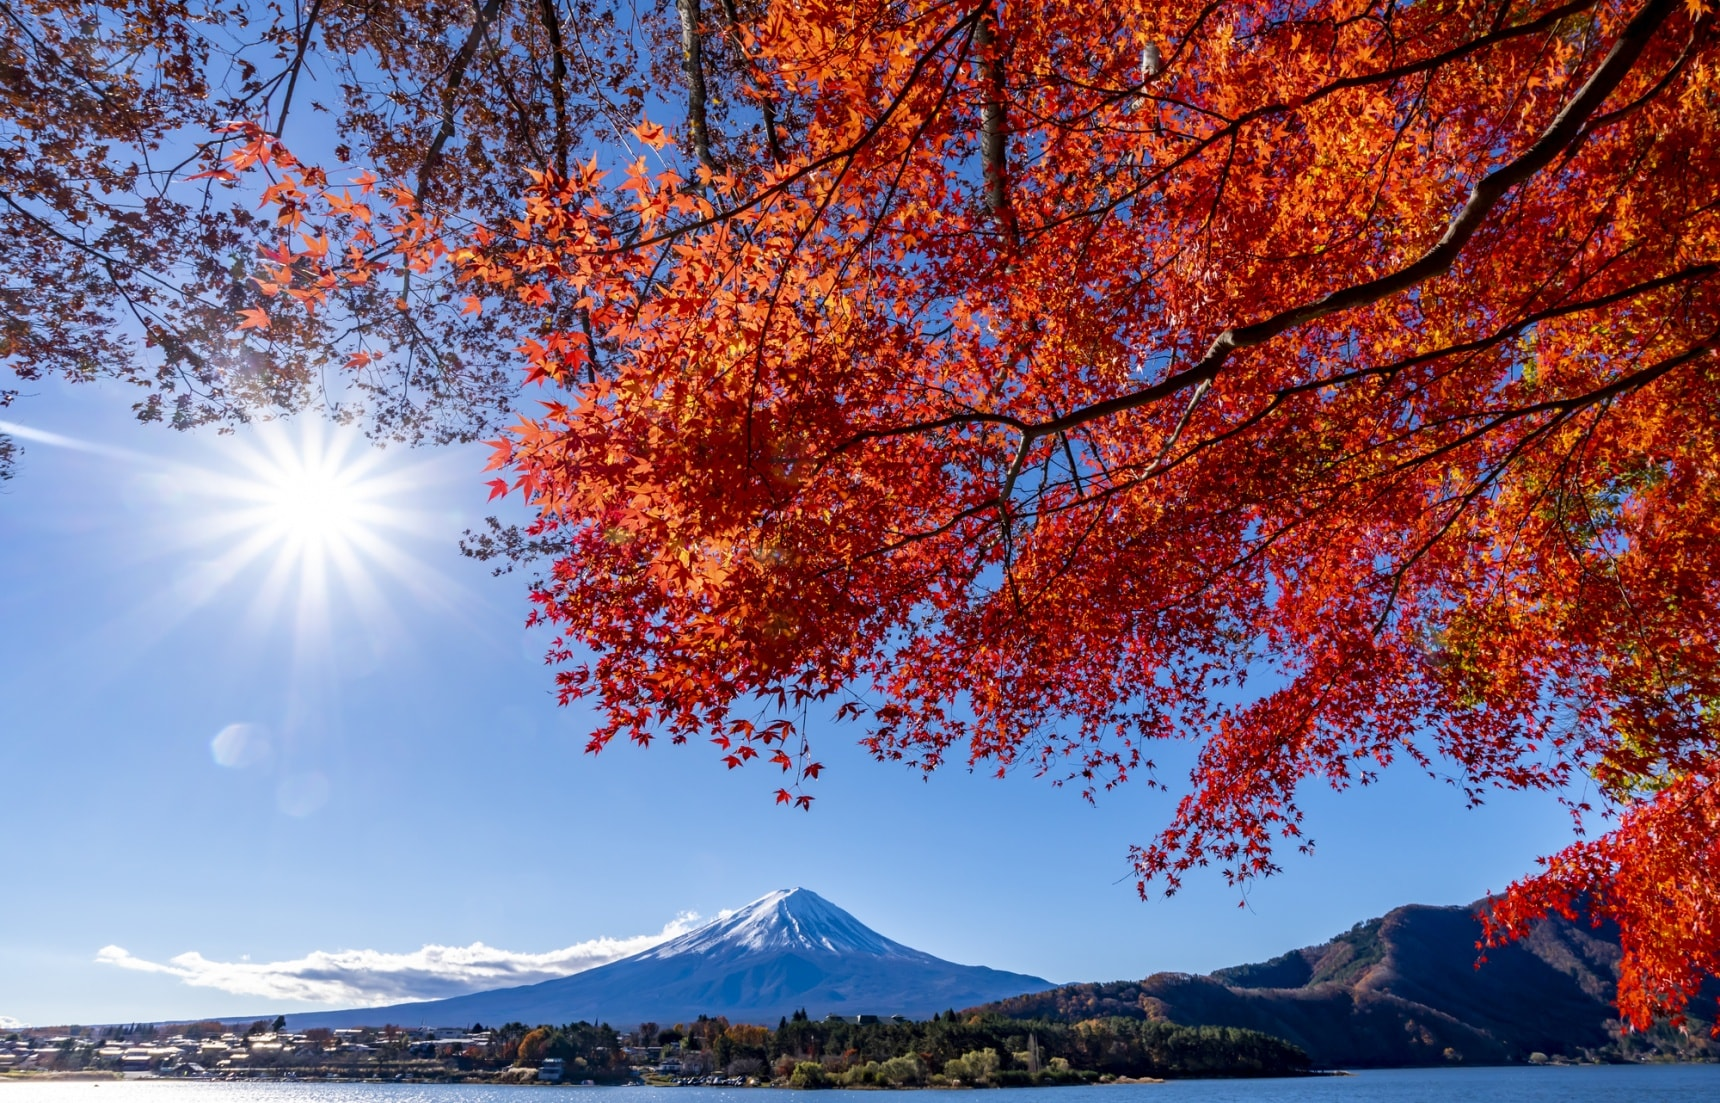 2020 Fall Foliage Forecast